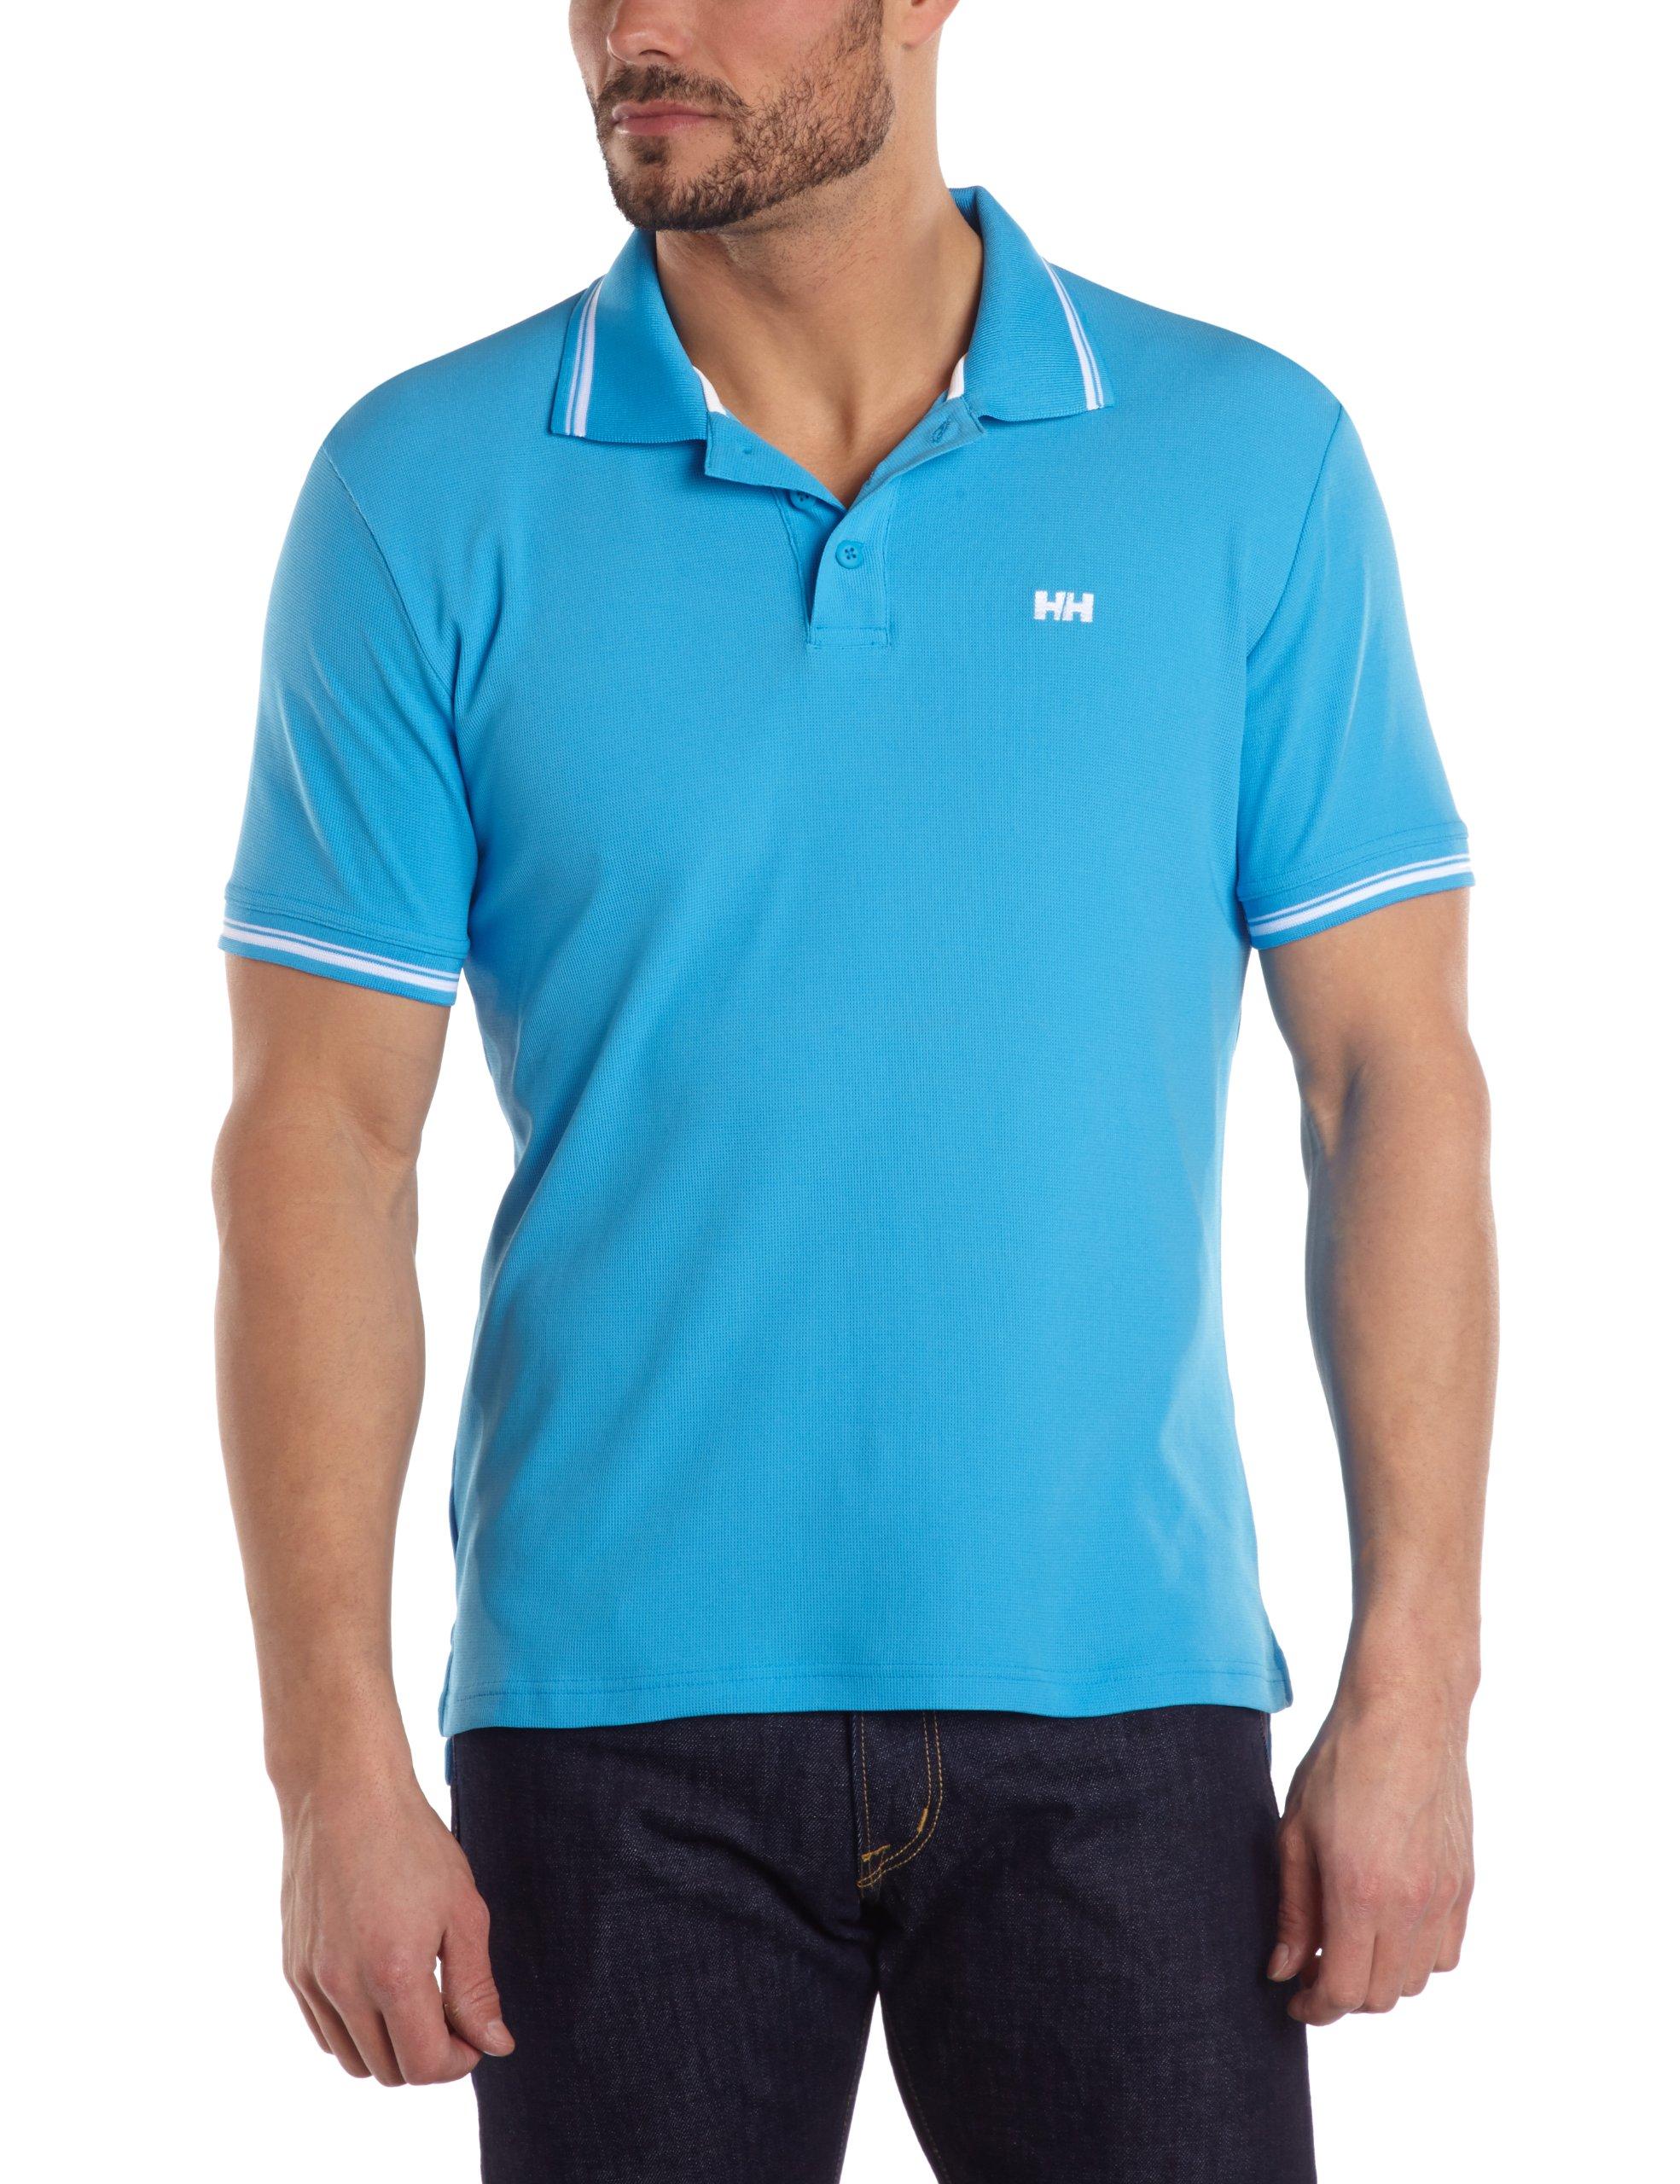 91qi%2BfUELBL - Helly Hansen Quick Dry Kos Men's Outdoor Short Sleeve T-Shirt